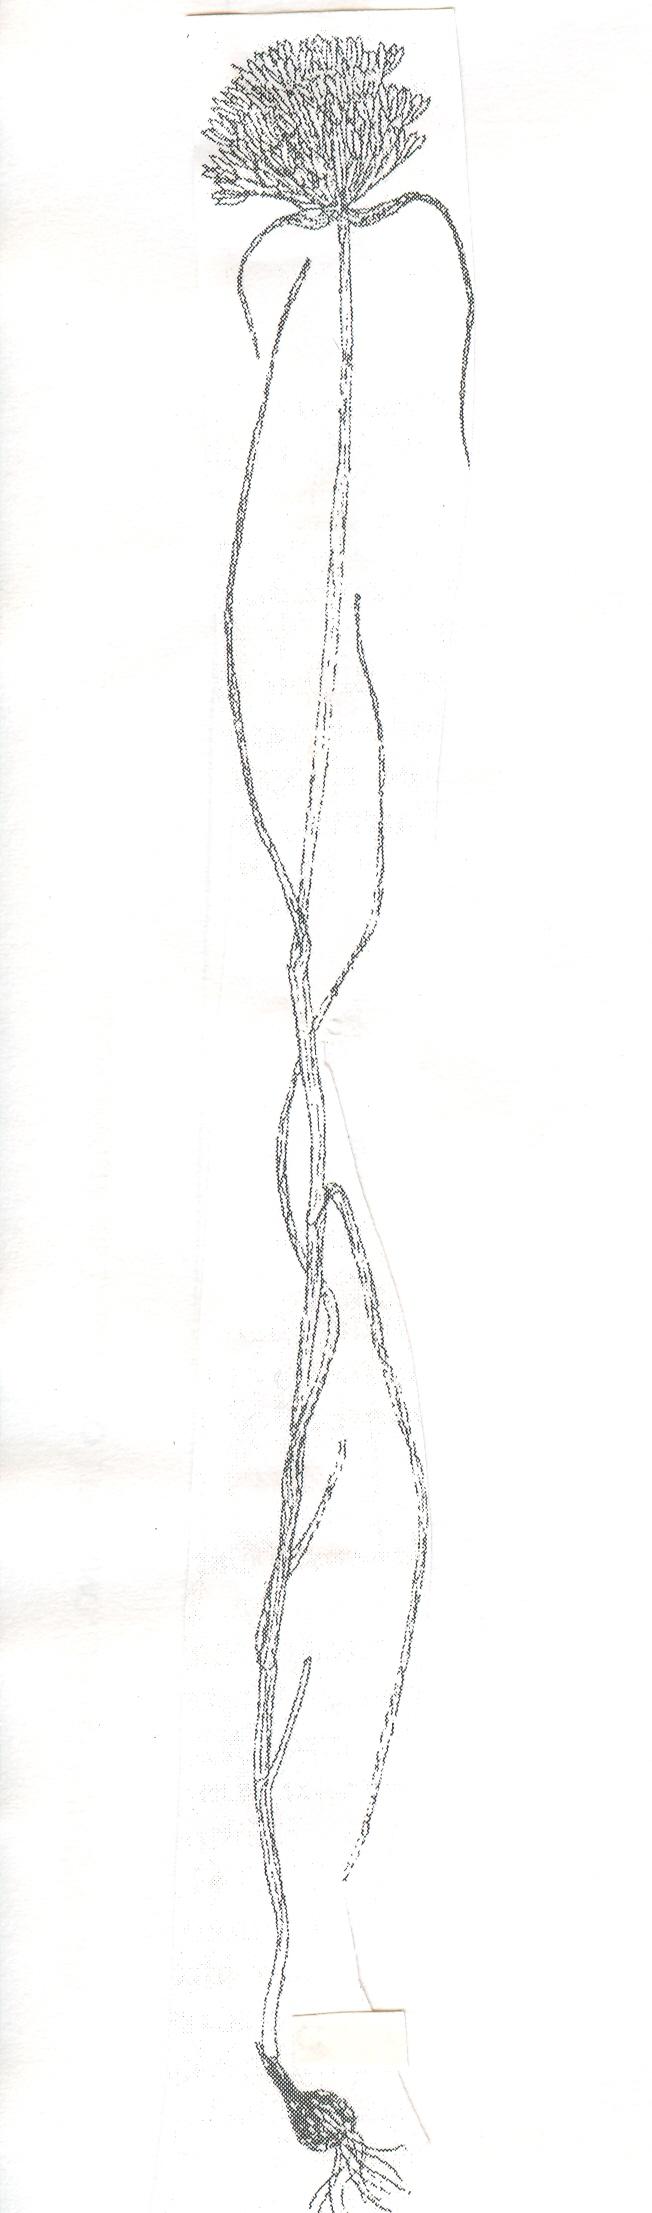 Allium%20diomedeum.jpg